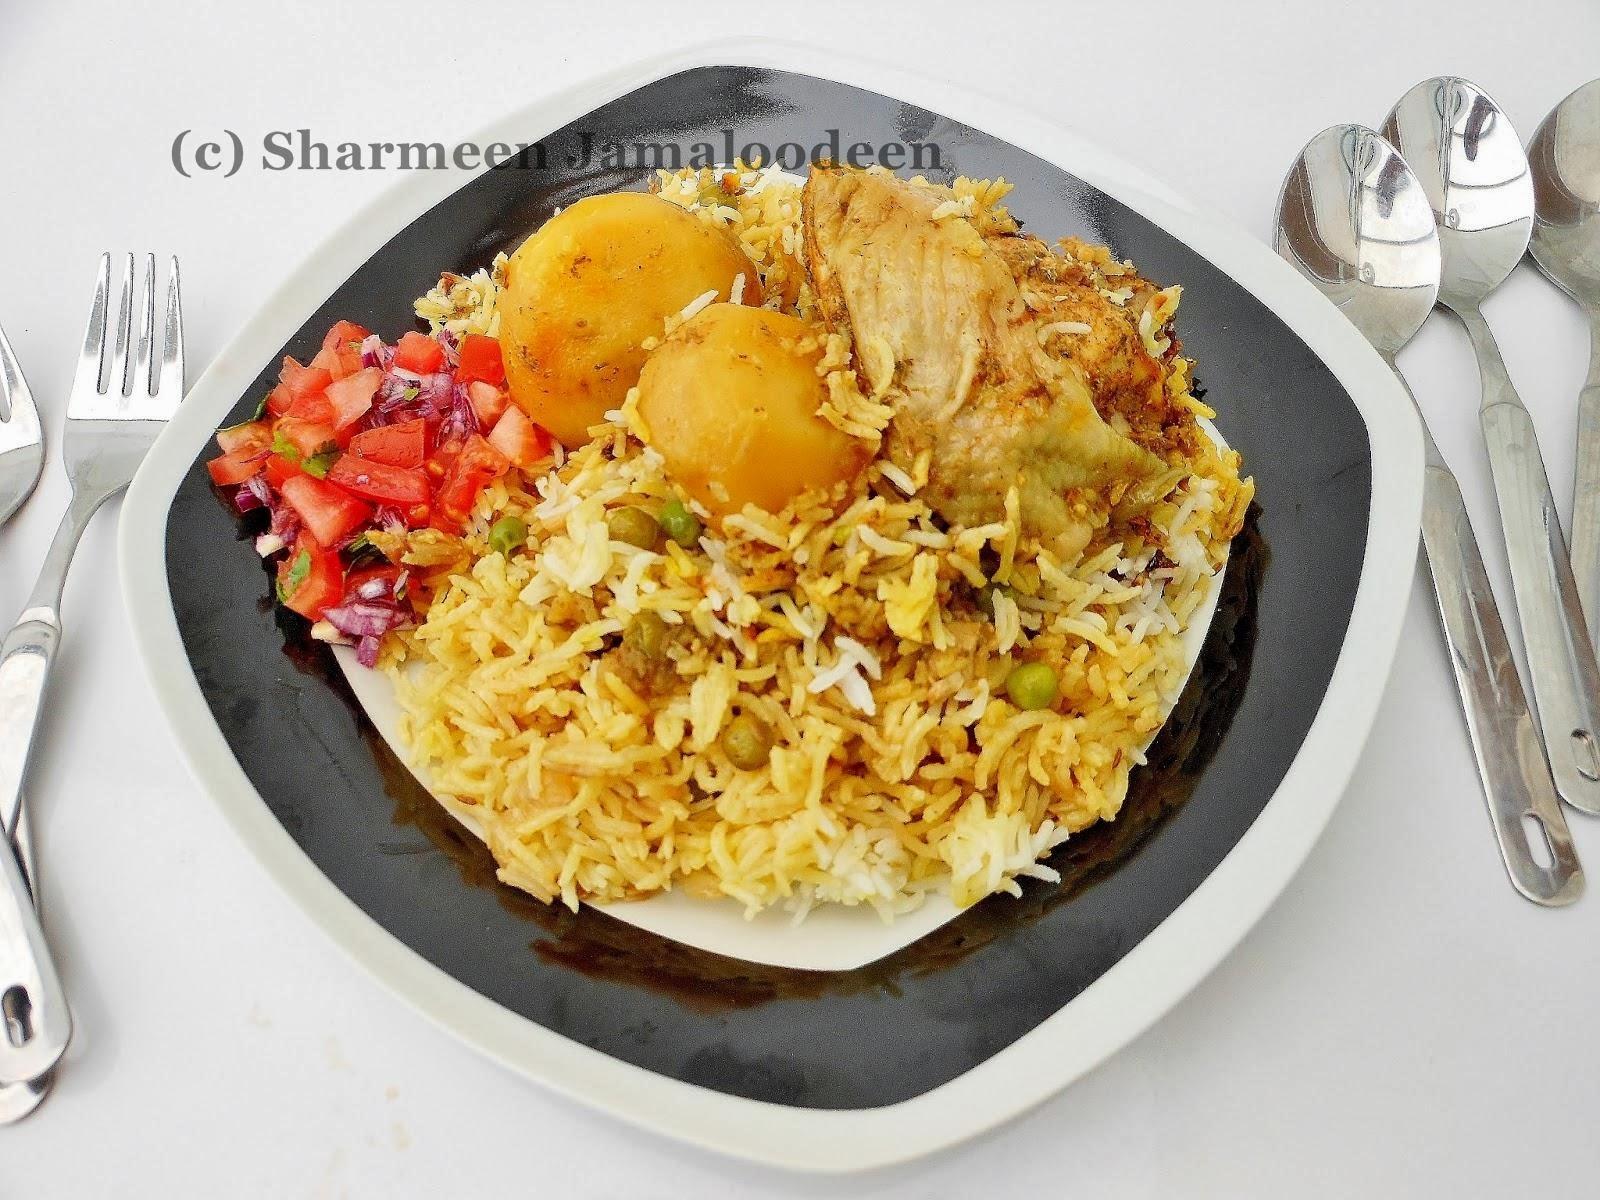 Wonderful Mauritius Eid Al-Fitr Food - orinyio  You Should Have_863159 .JPG